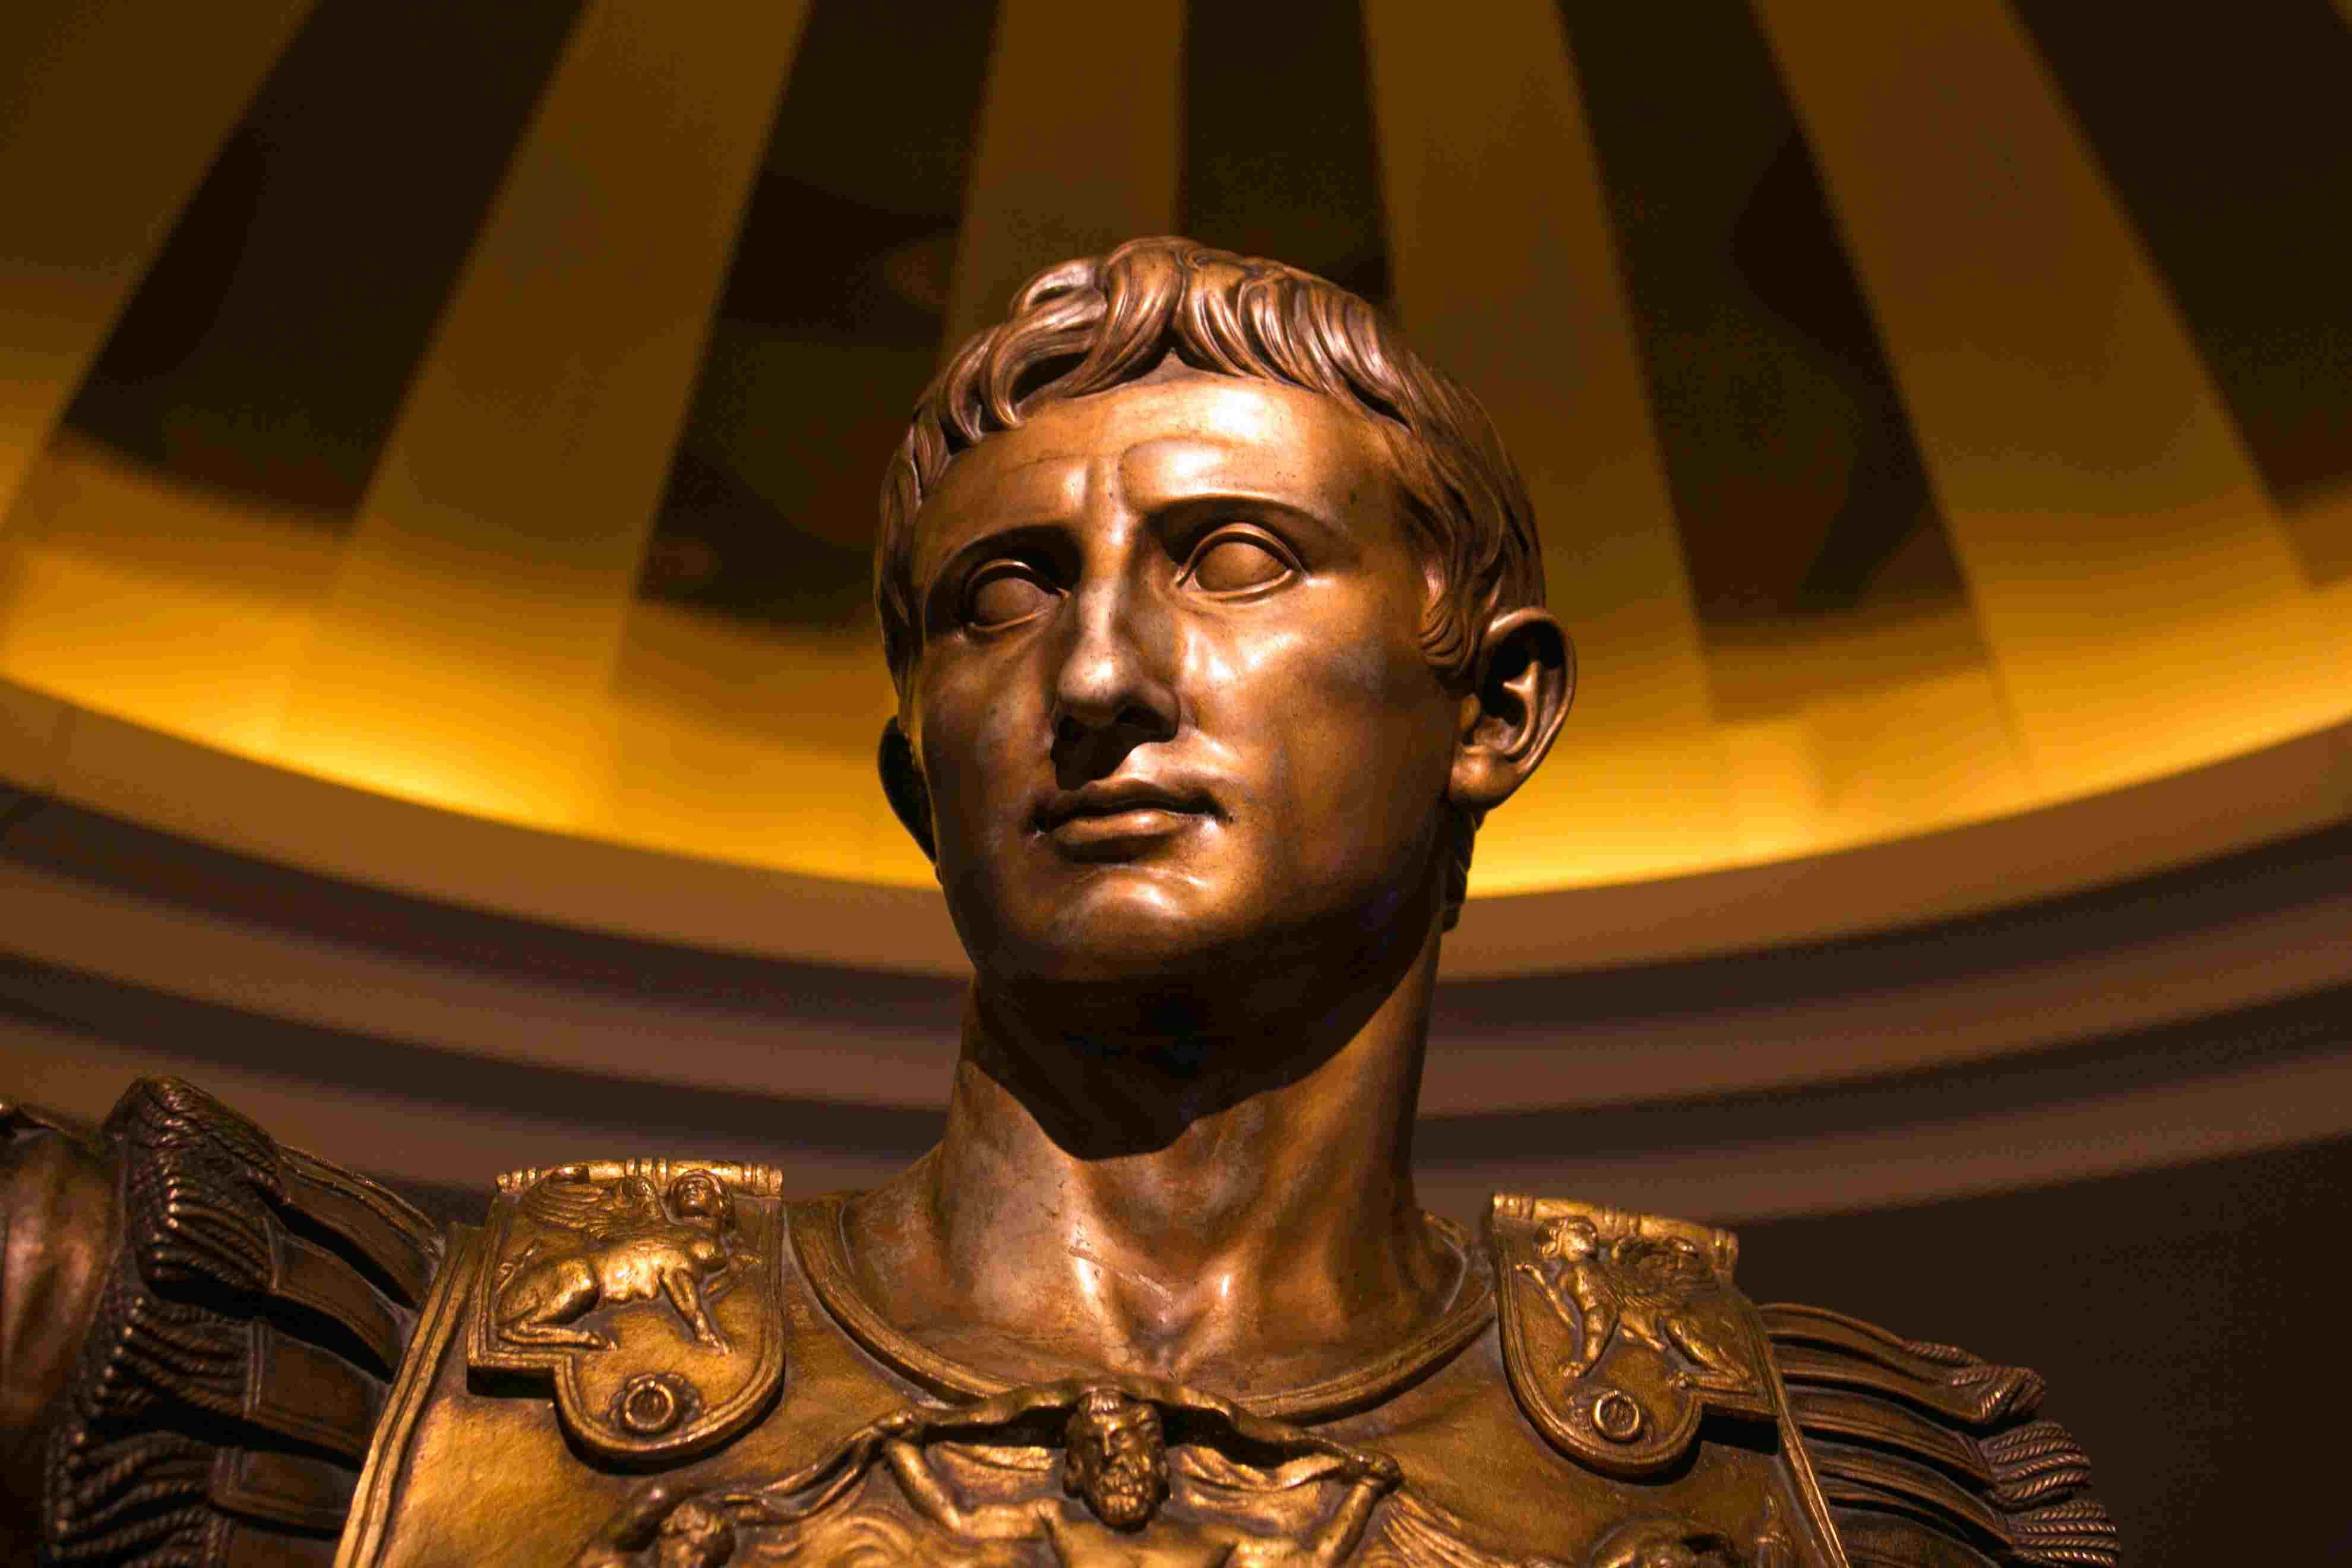 Bronze bust of Julius Caesar